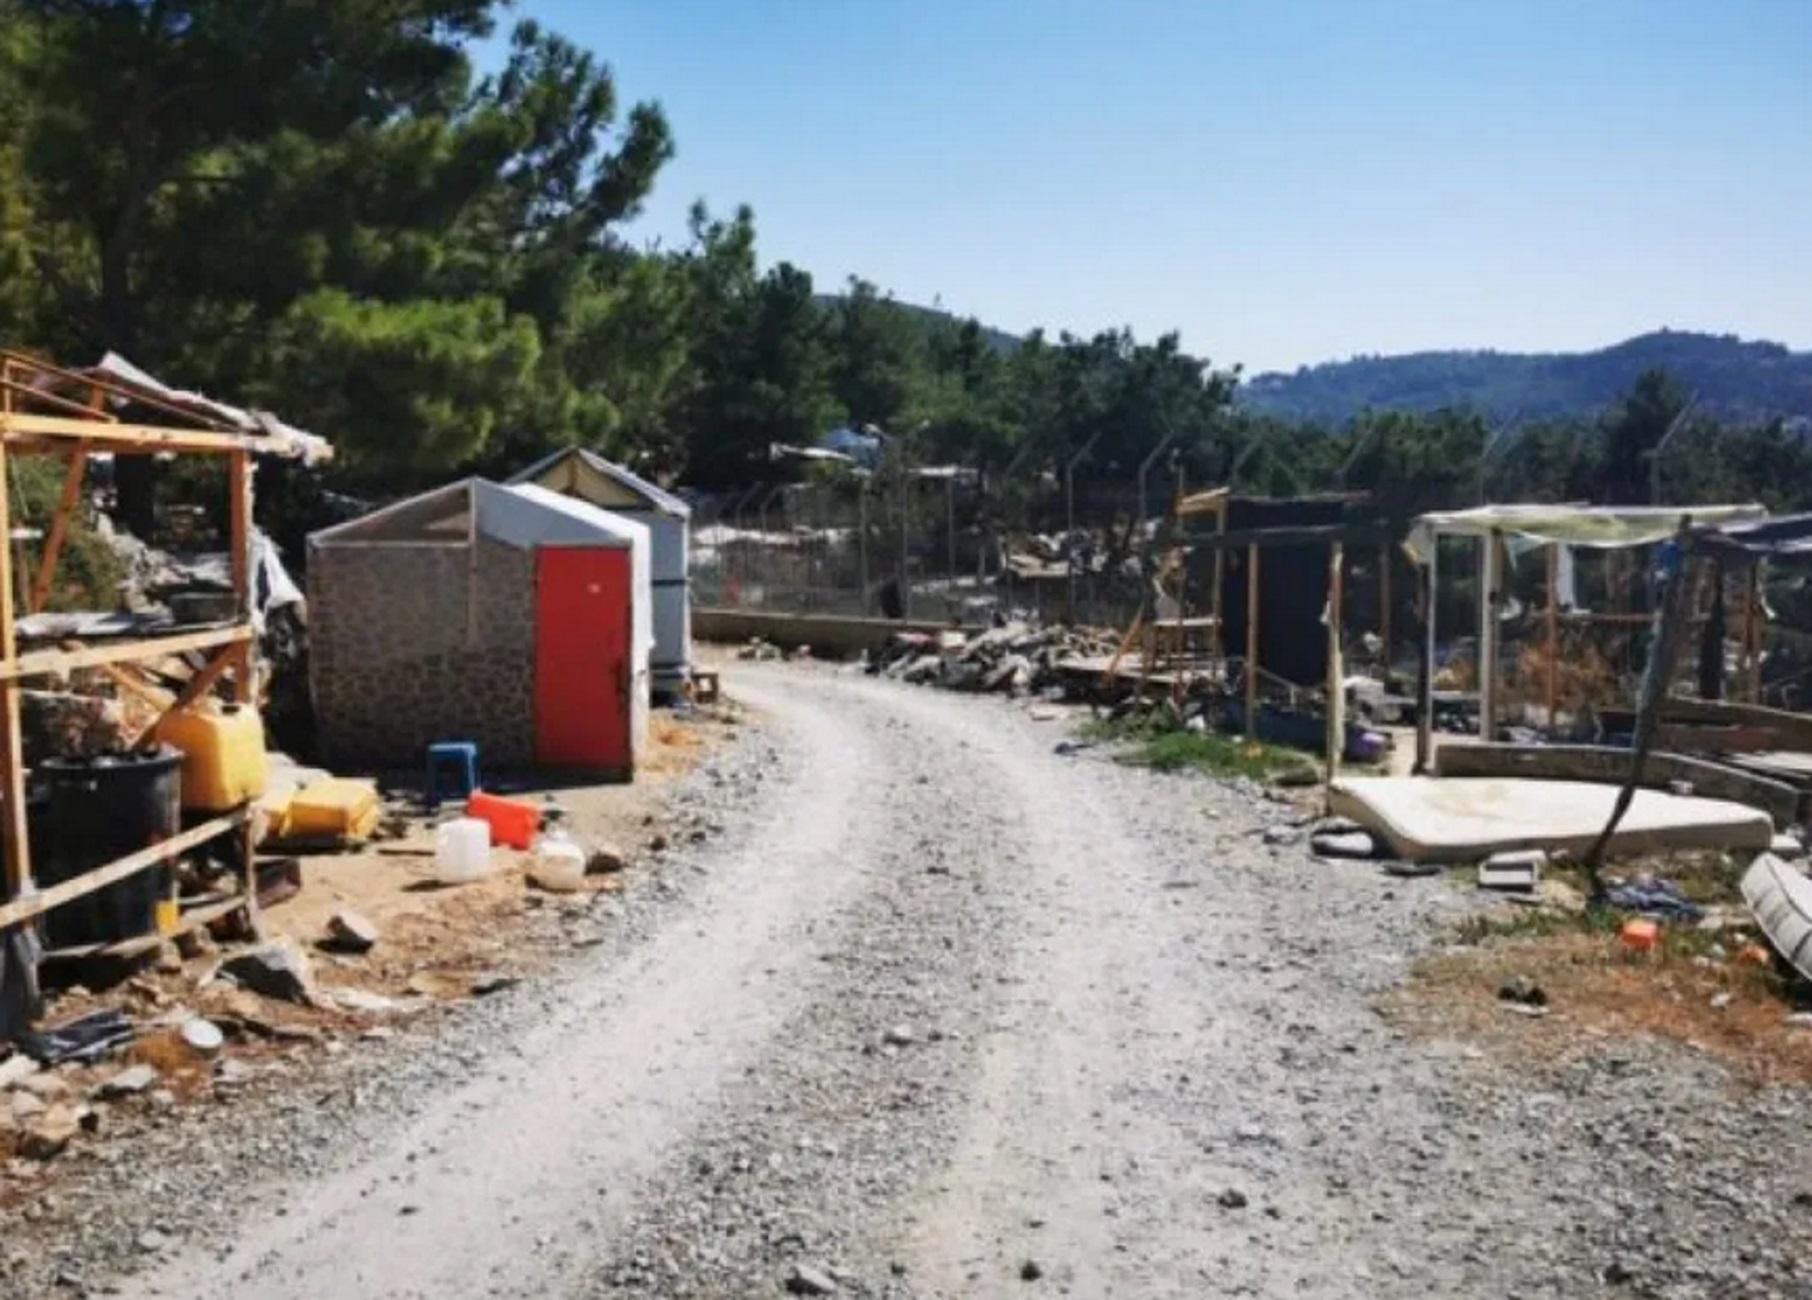 Σάμος: Μπουλντόζες στο παλιό ΚΥΤ στο Βαθύ – Επιστρέφονται στους ιδιοκτήτες οι καταπατημένες εκτάσεις